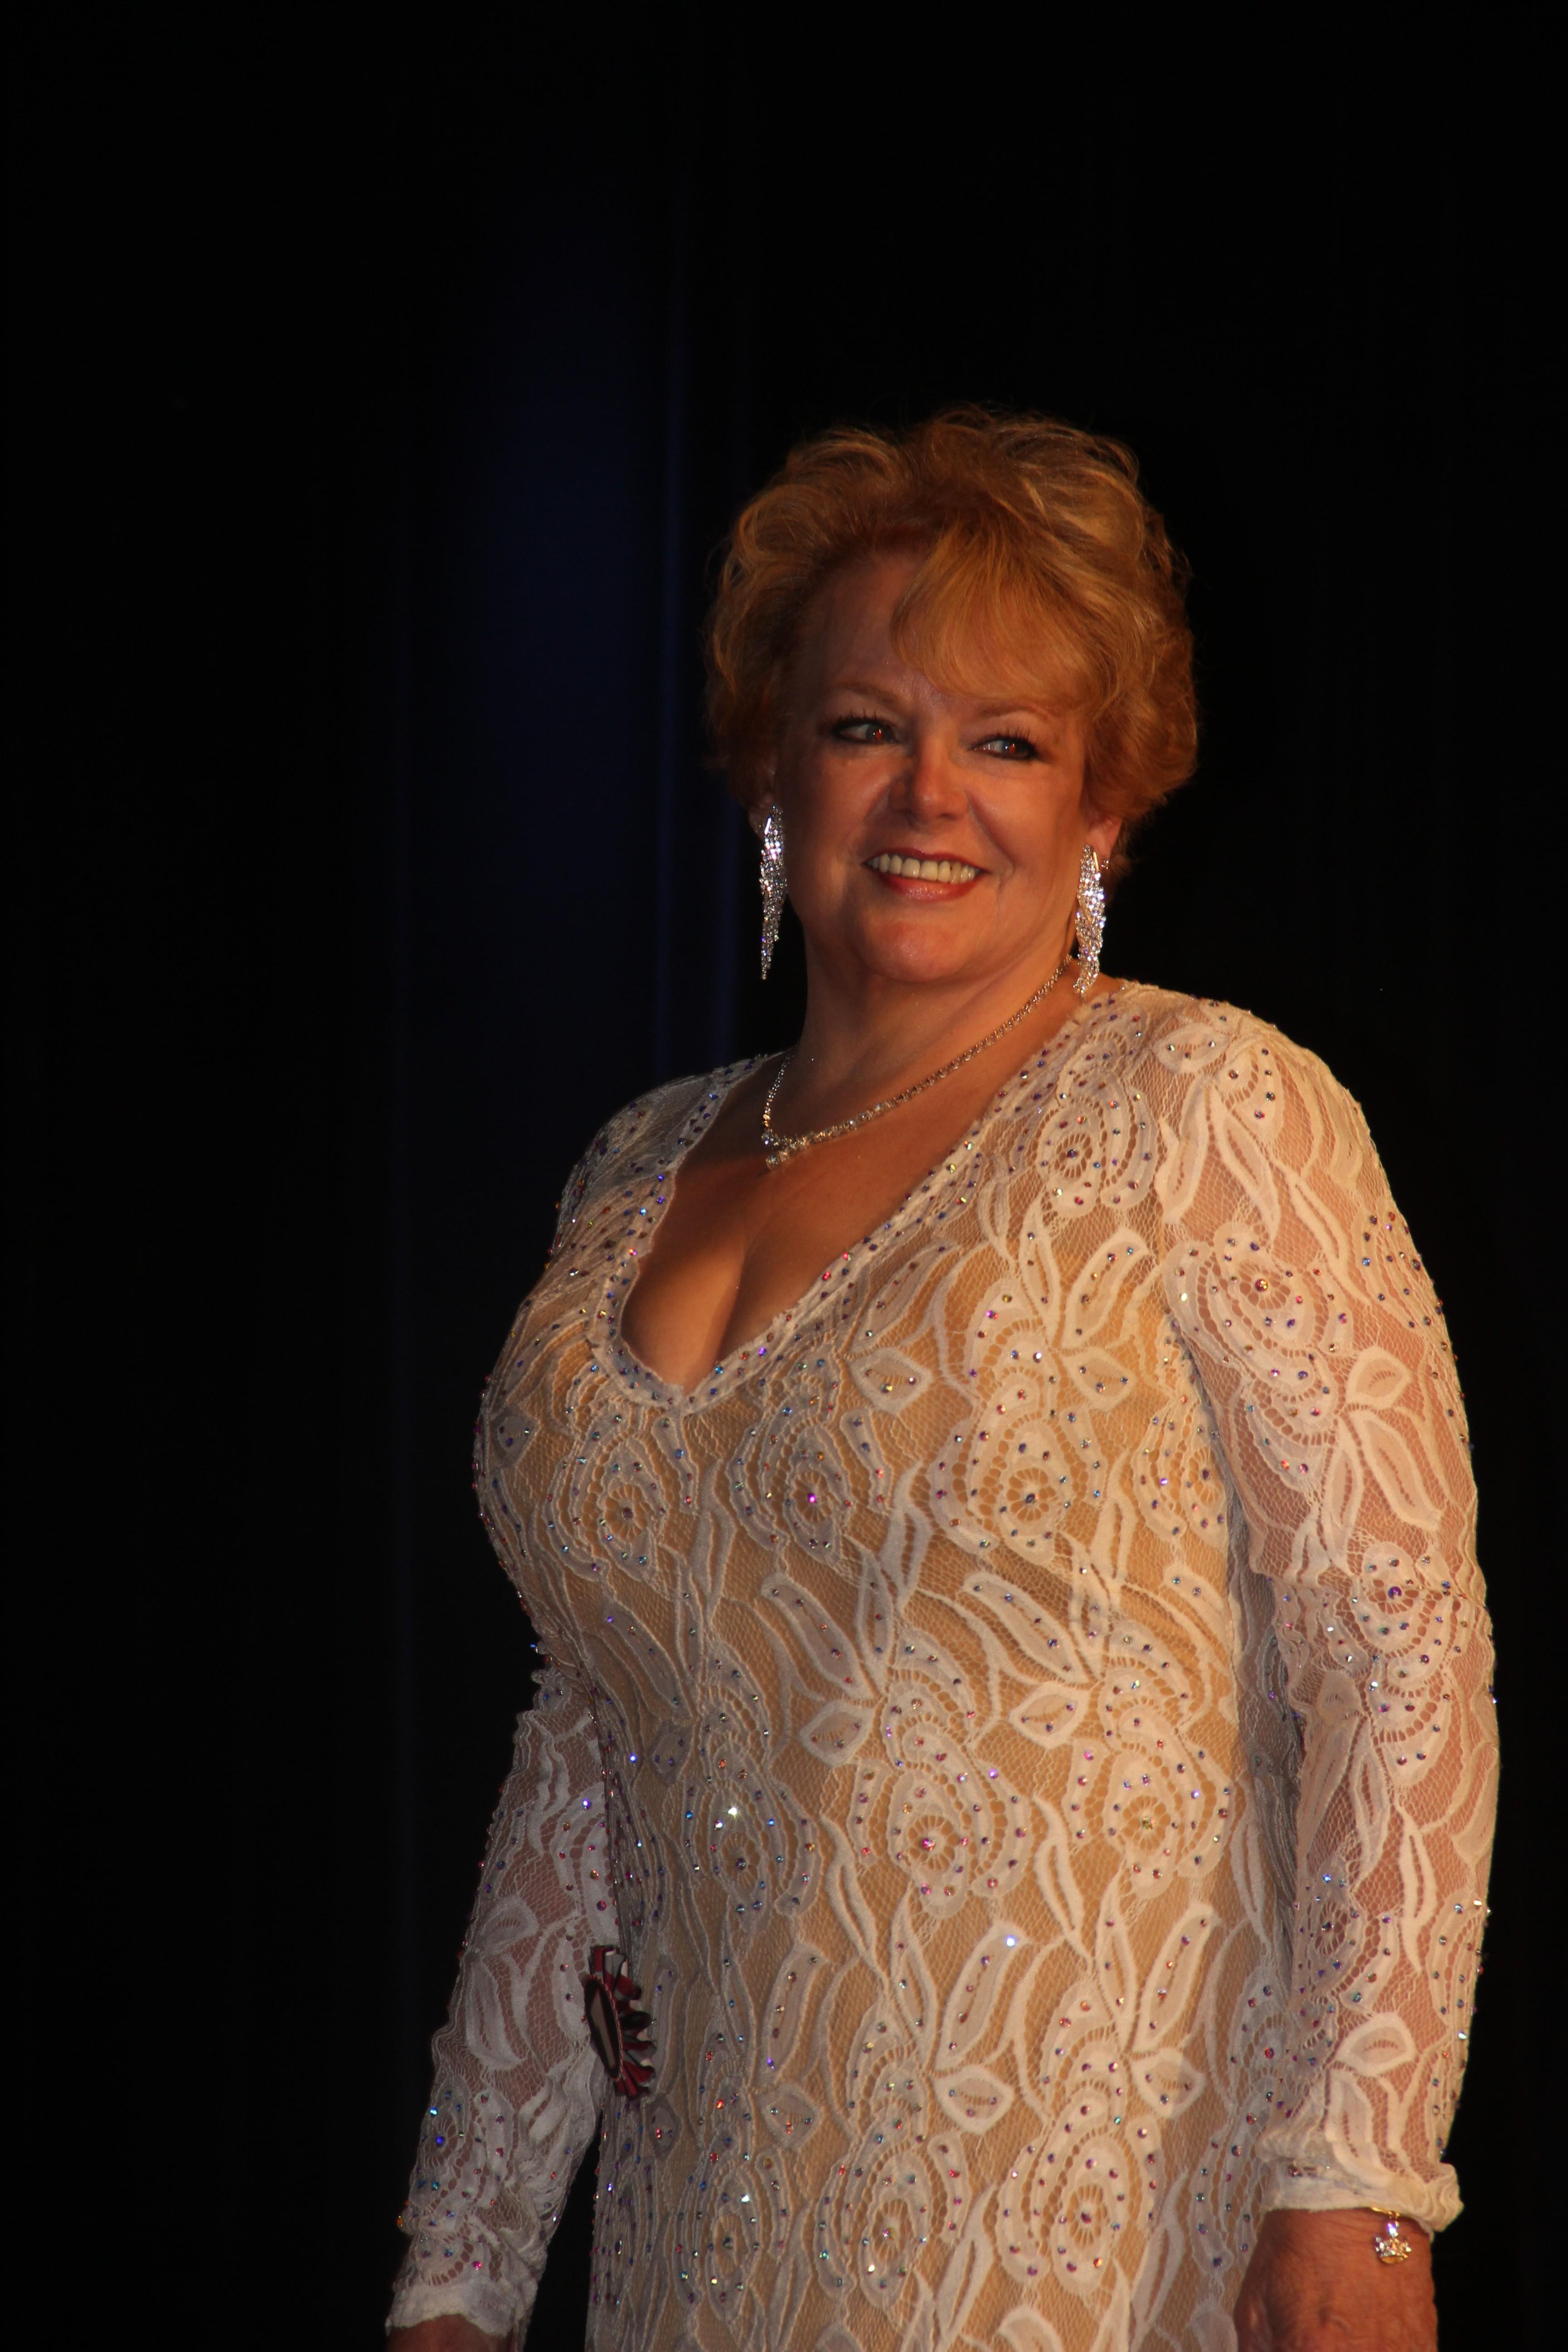 Linda Sisco Poise